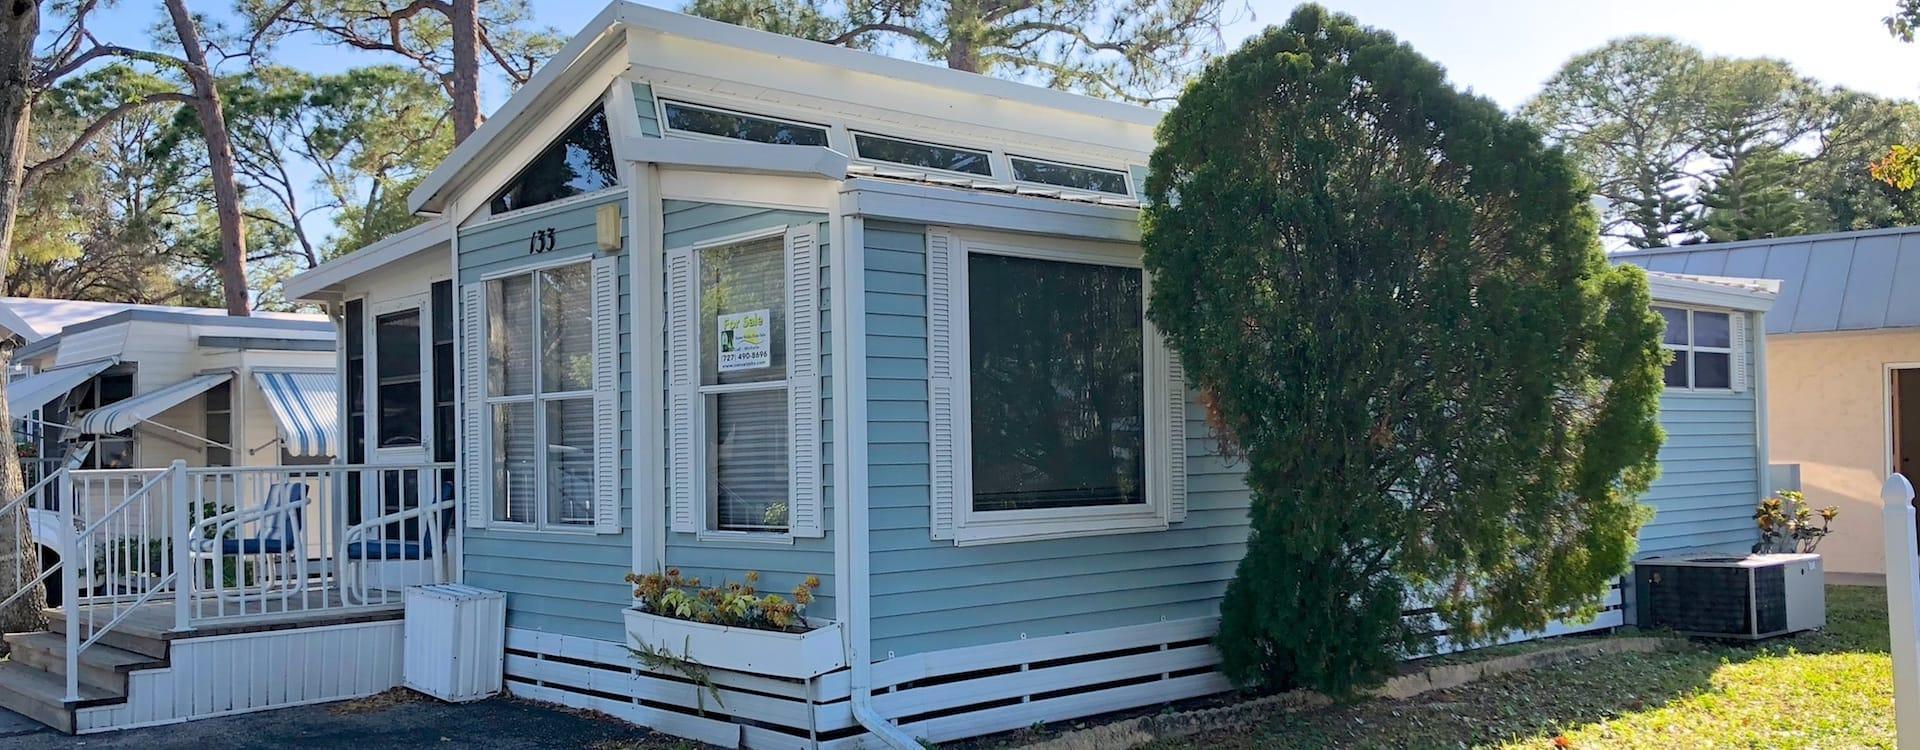 Sarasota County Mobile Homes For Sale